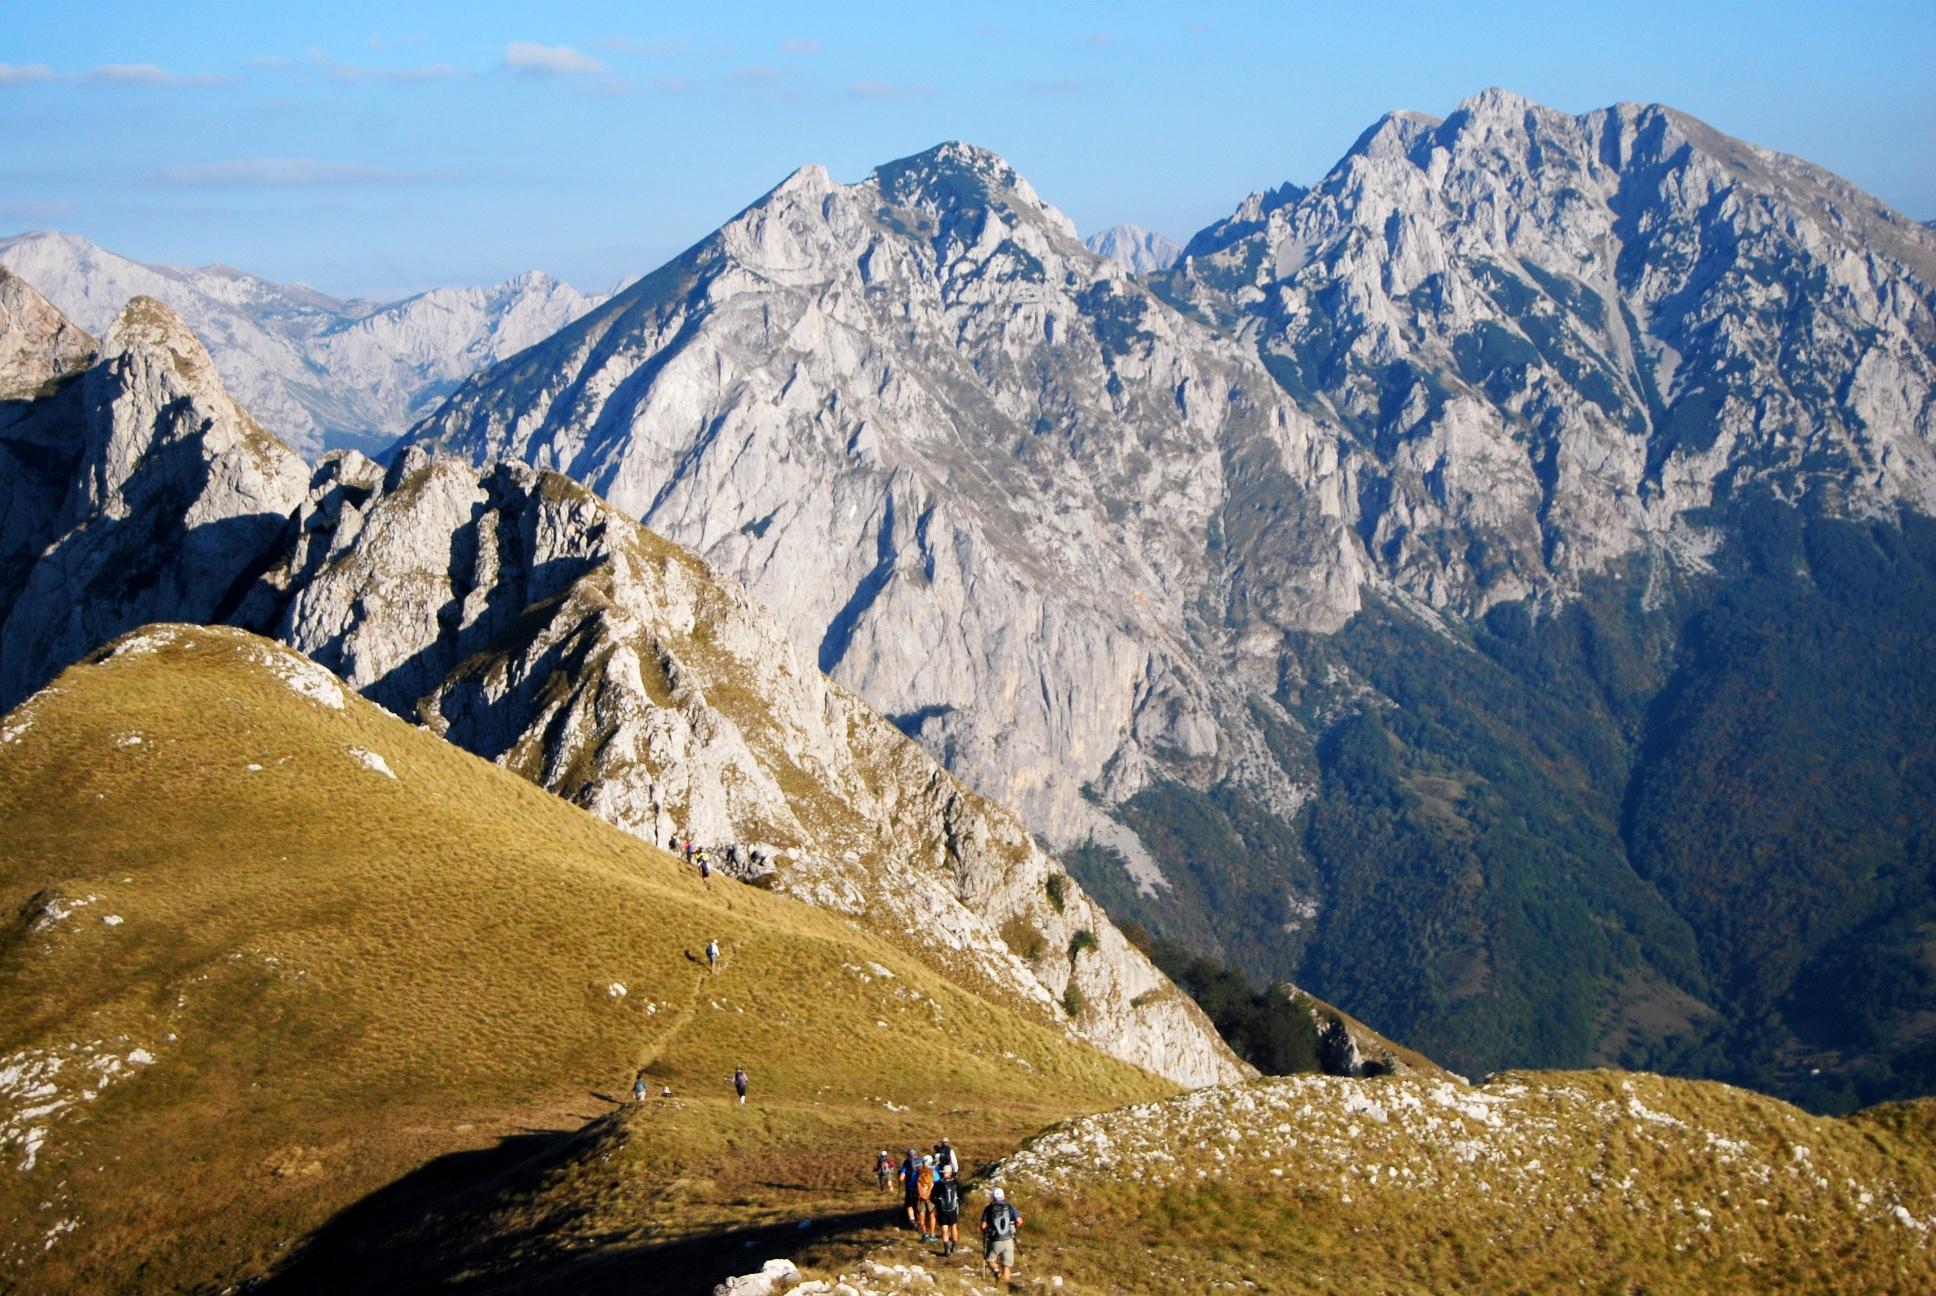 ボスニア・ヘルツェゴビナ最高峰登頂と世界遺産モスタル 9日間